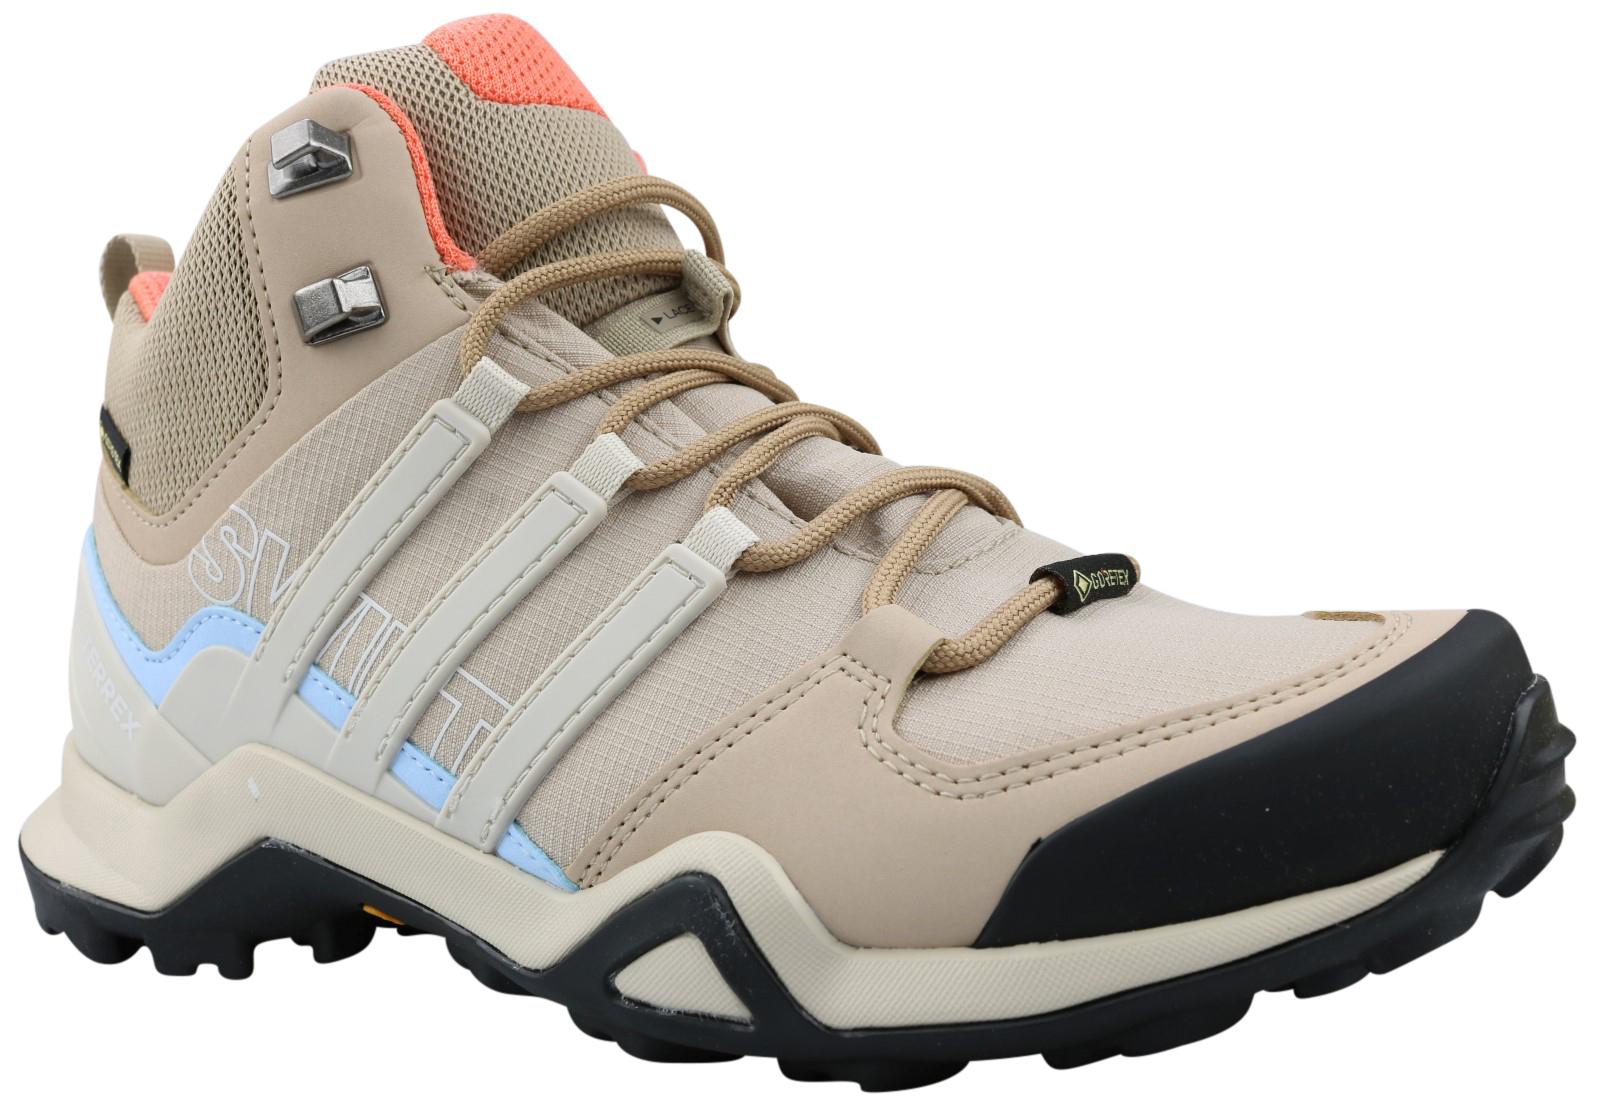 Adidas Terrex Swift R2 Mid GTX W Damen Wanderschuhe Outdoor Schuhe G26560  NEU